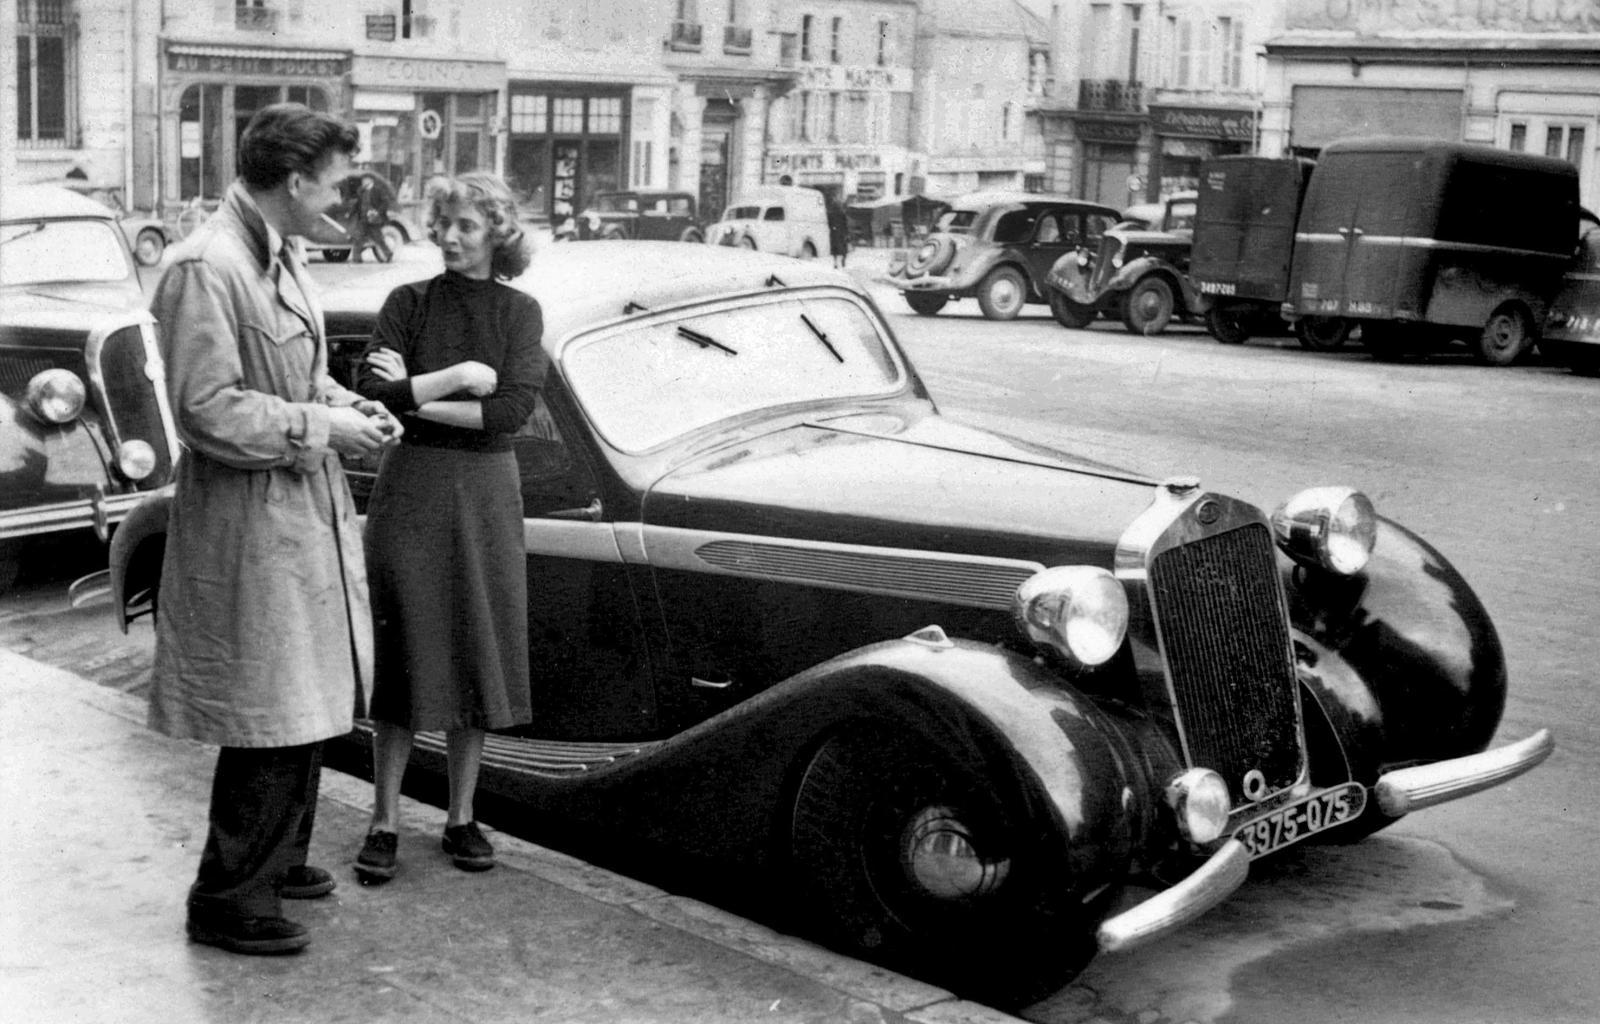 Monique et Jean-Paul Barbier-Mueller jeunes fiancés, à Paris en 1953. © MBM